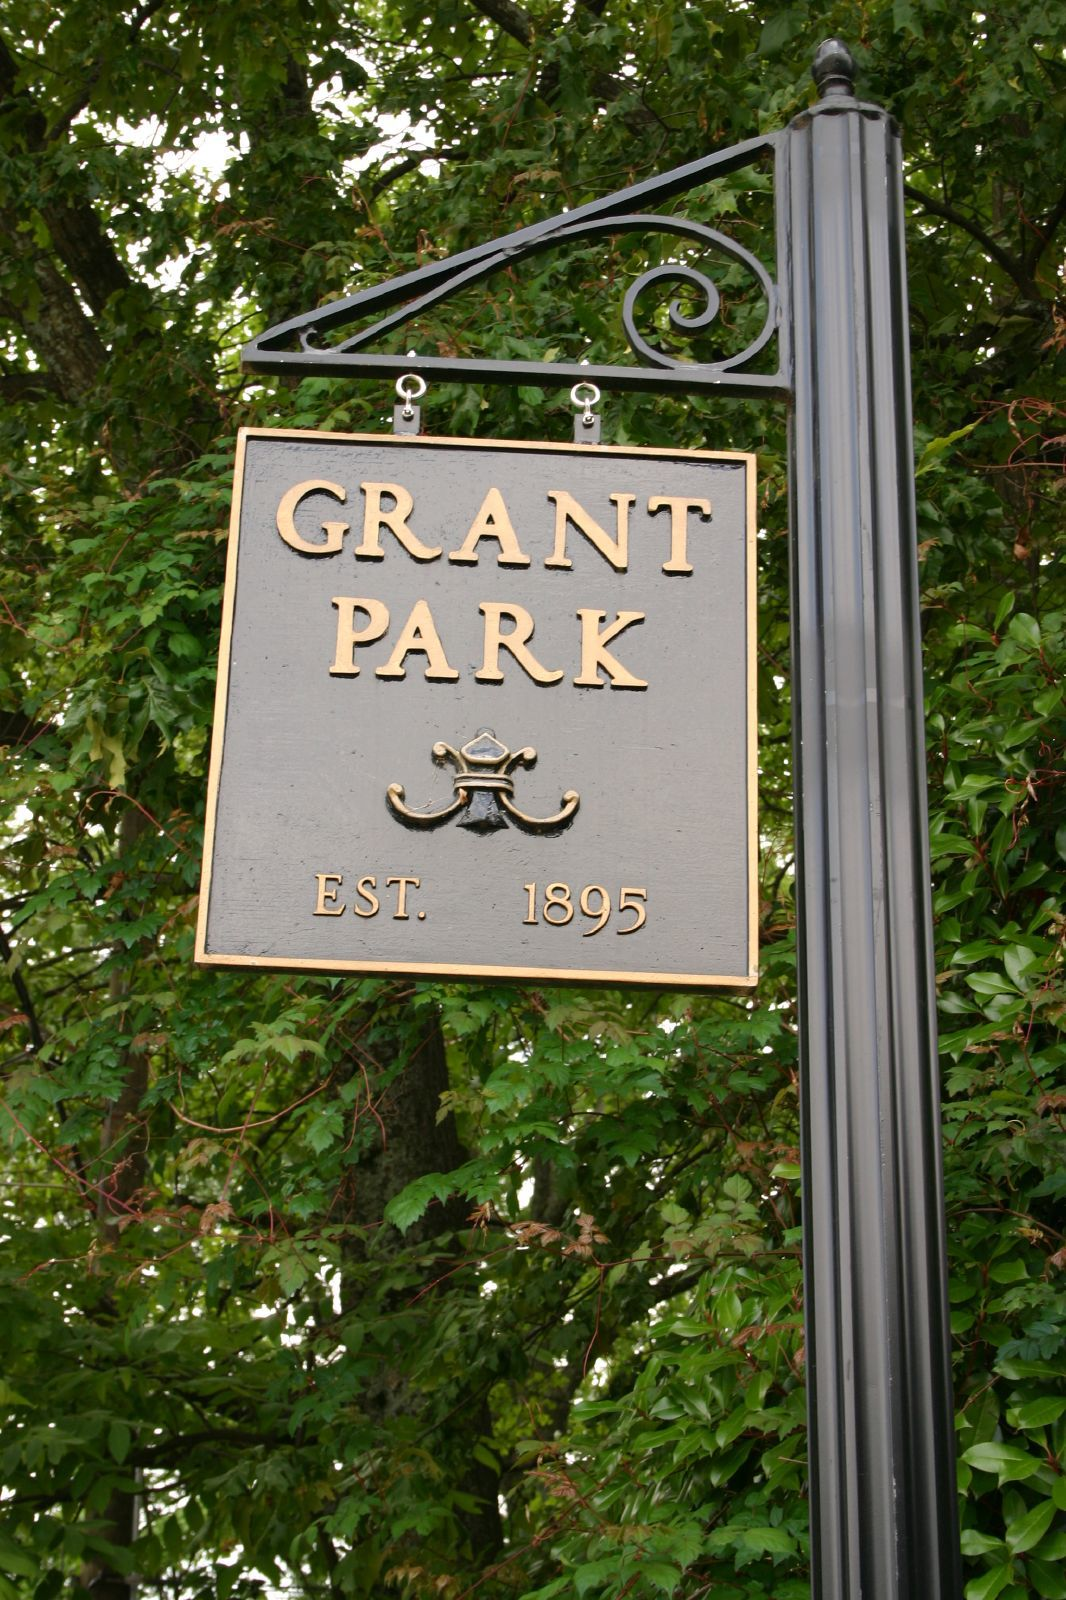 Grant_Park_sign.jpg